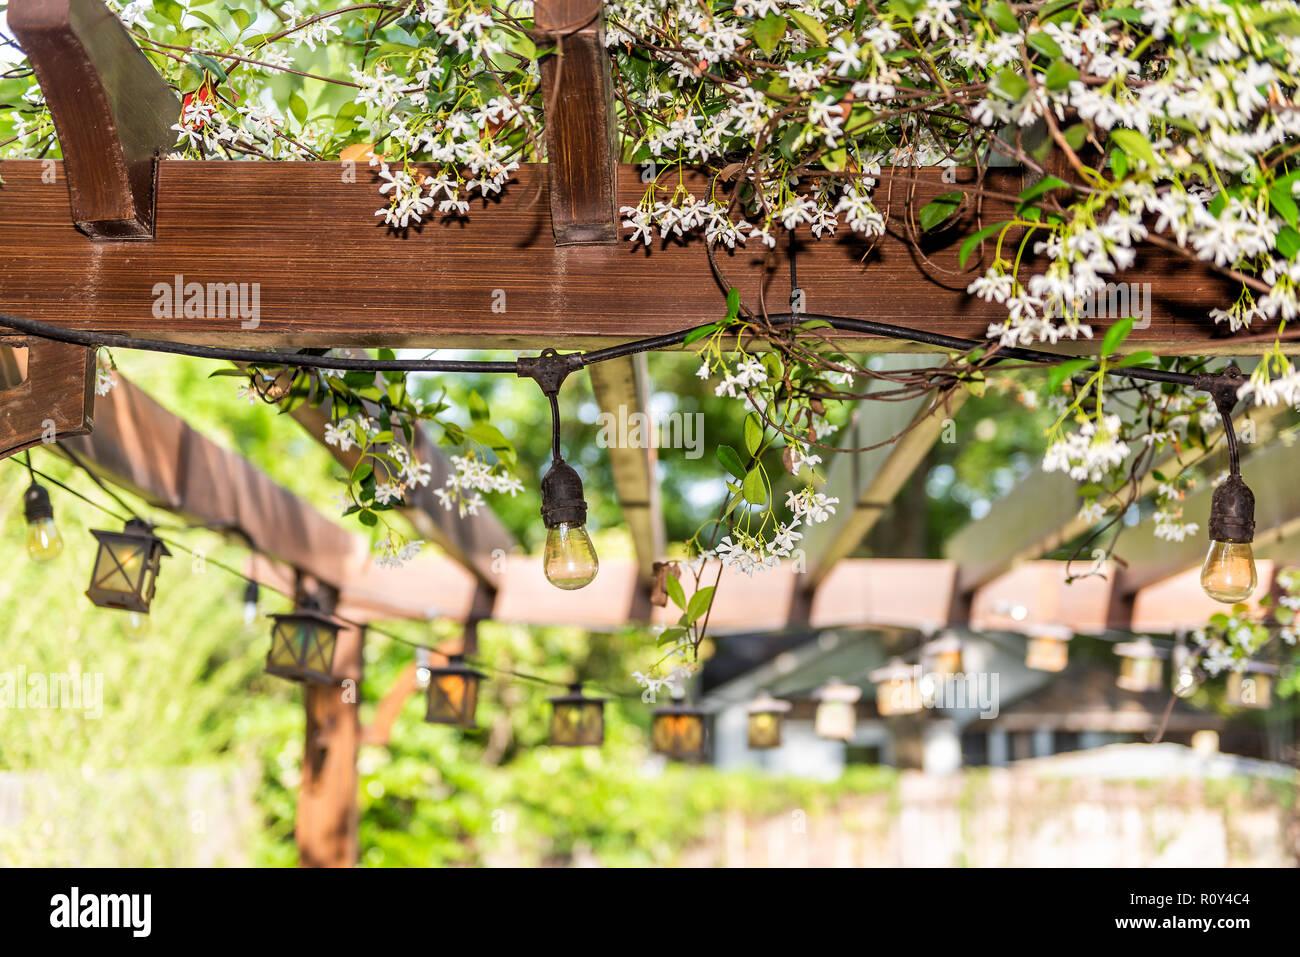 Luci Per Tettoia In Legno vista dettagliata del patio all'aperto molla bianco fiore